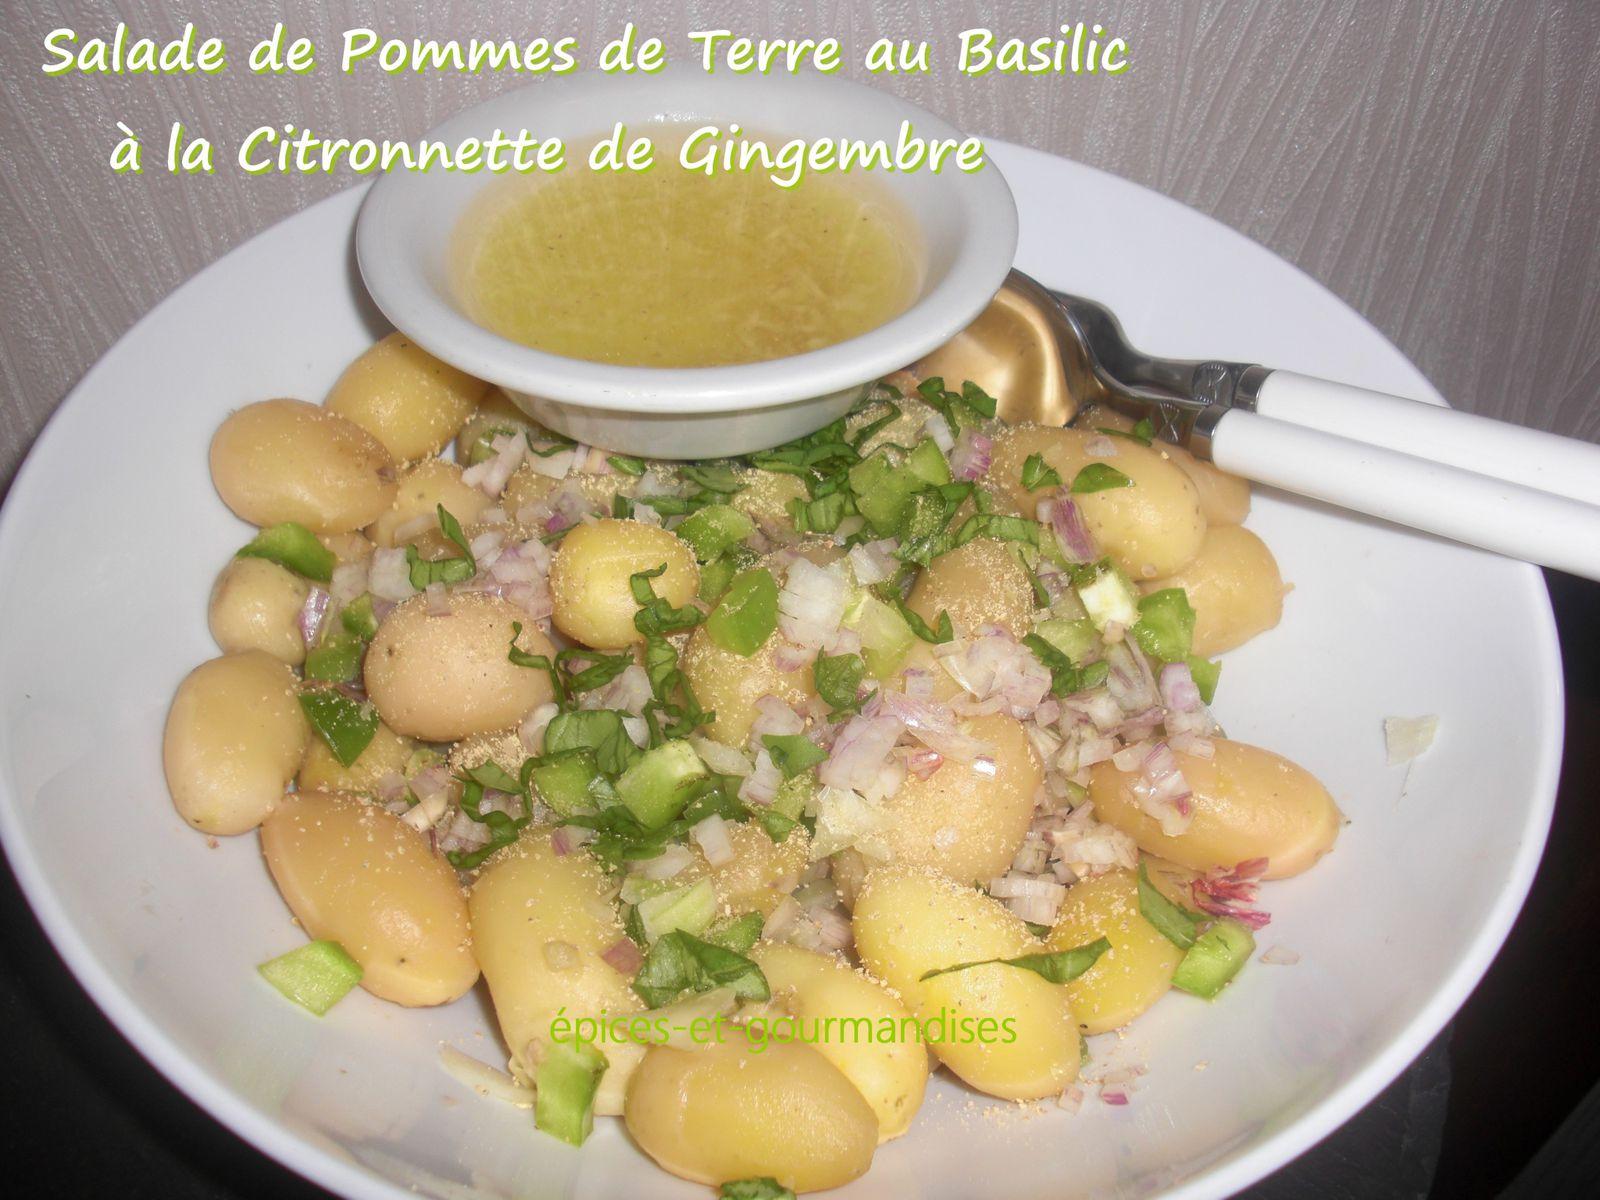 salade de pommes de terre l 39 asiatique pices et gourmandises le blog de mariellen. Black Bedroom Furniture Sets. Home Design Ideas